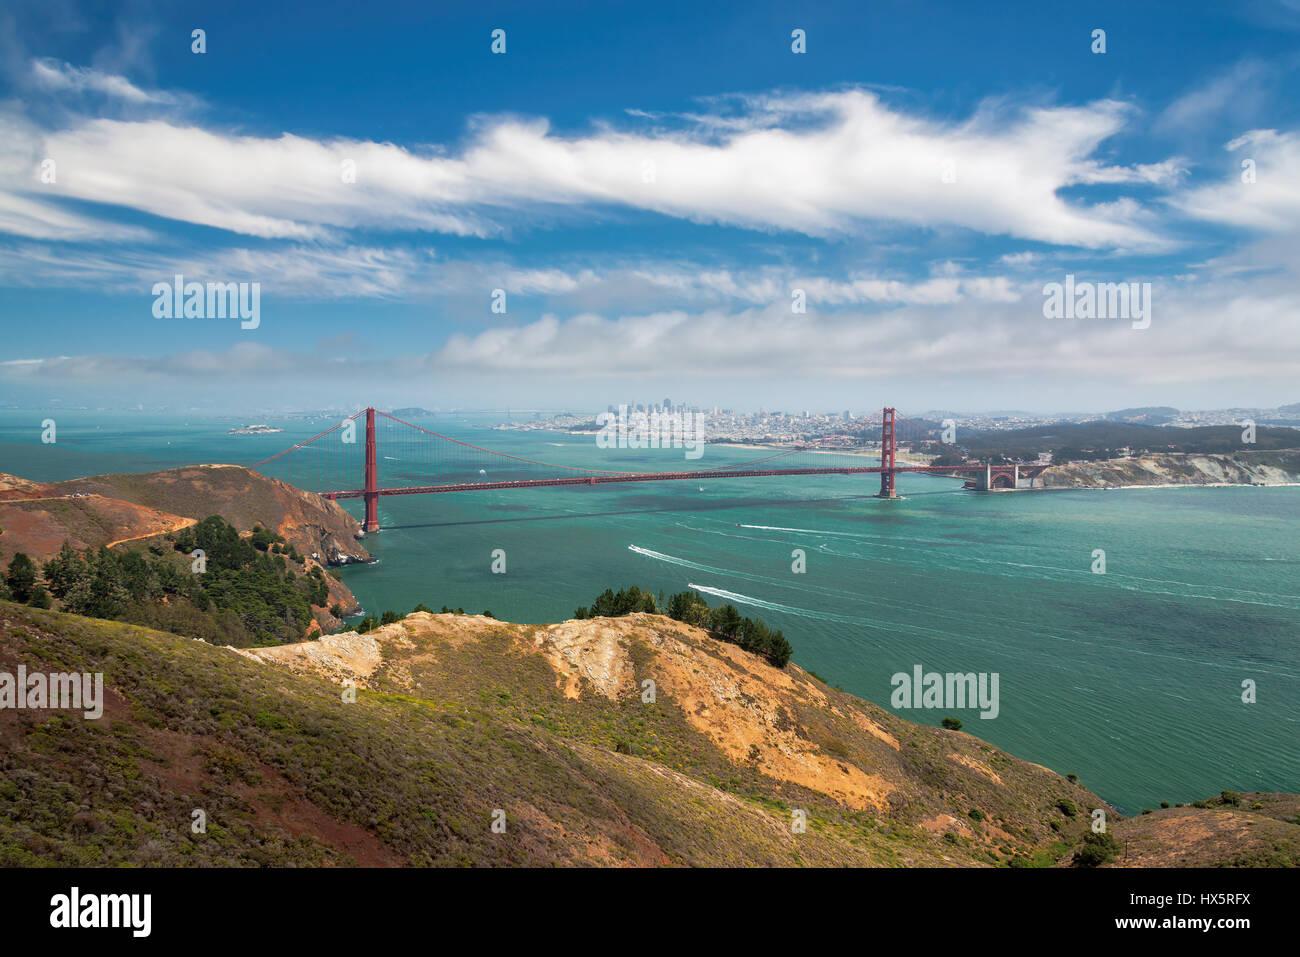 El horizonte de San Francisco y el Puente Golden Gate, California. Imagen De Stock